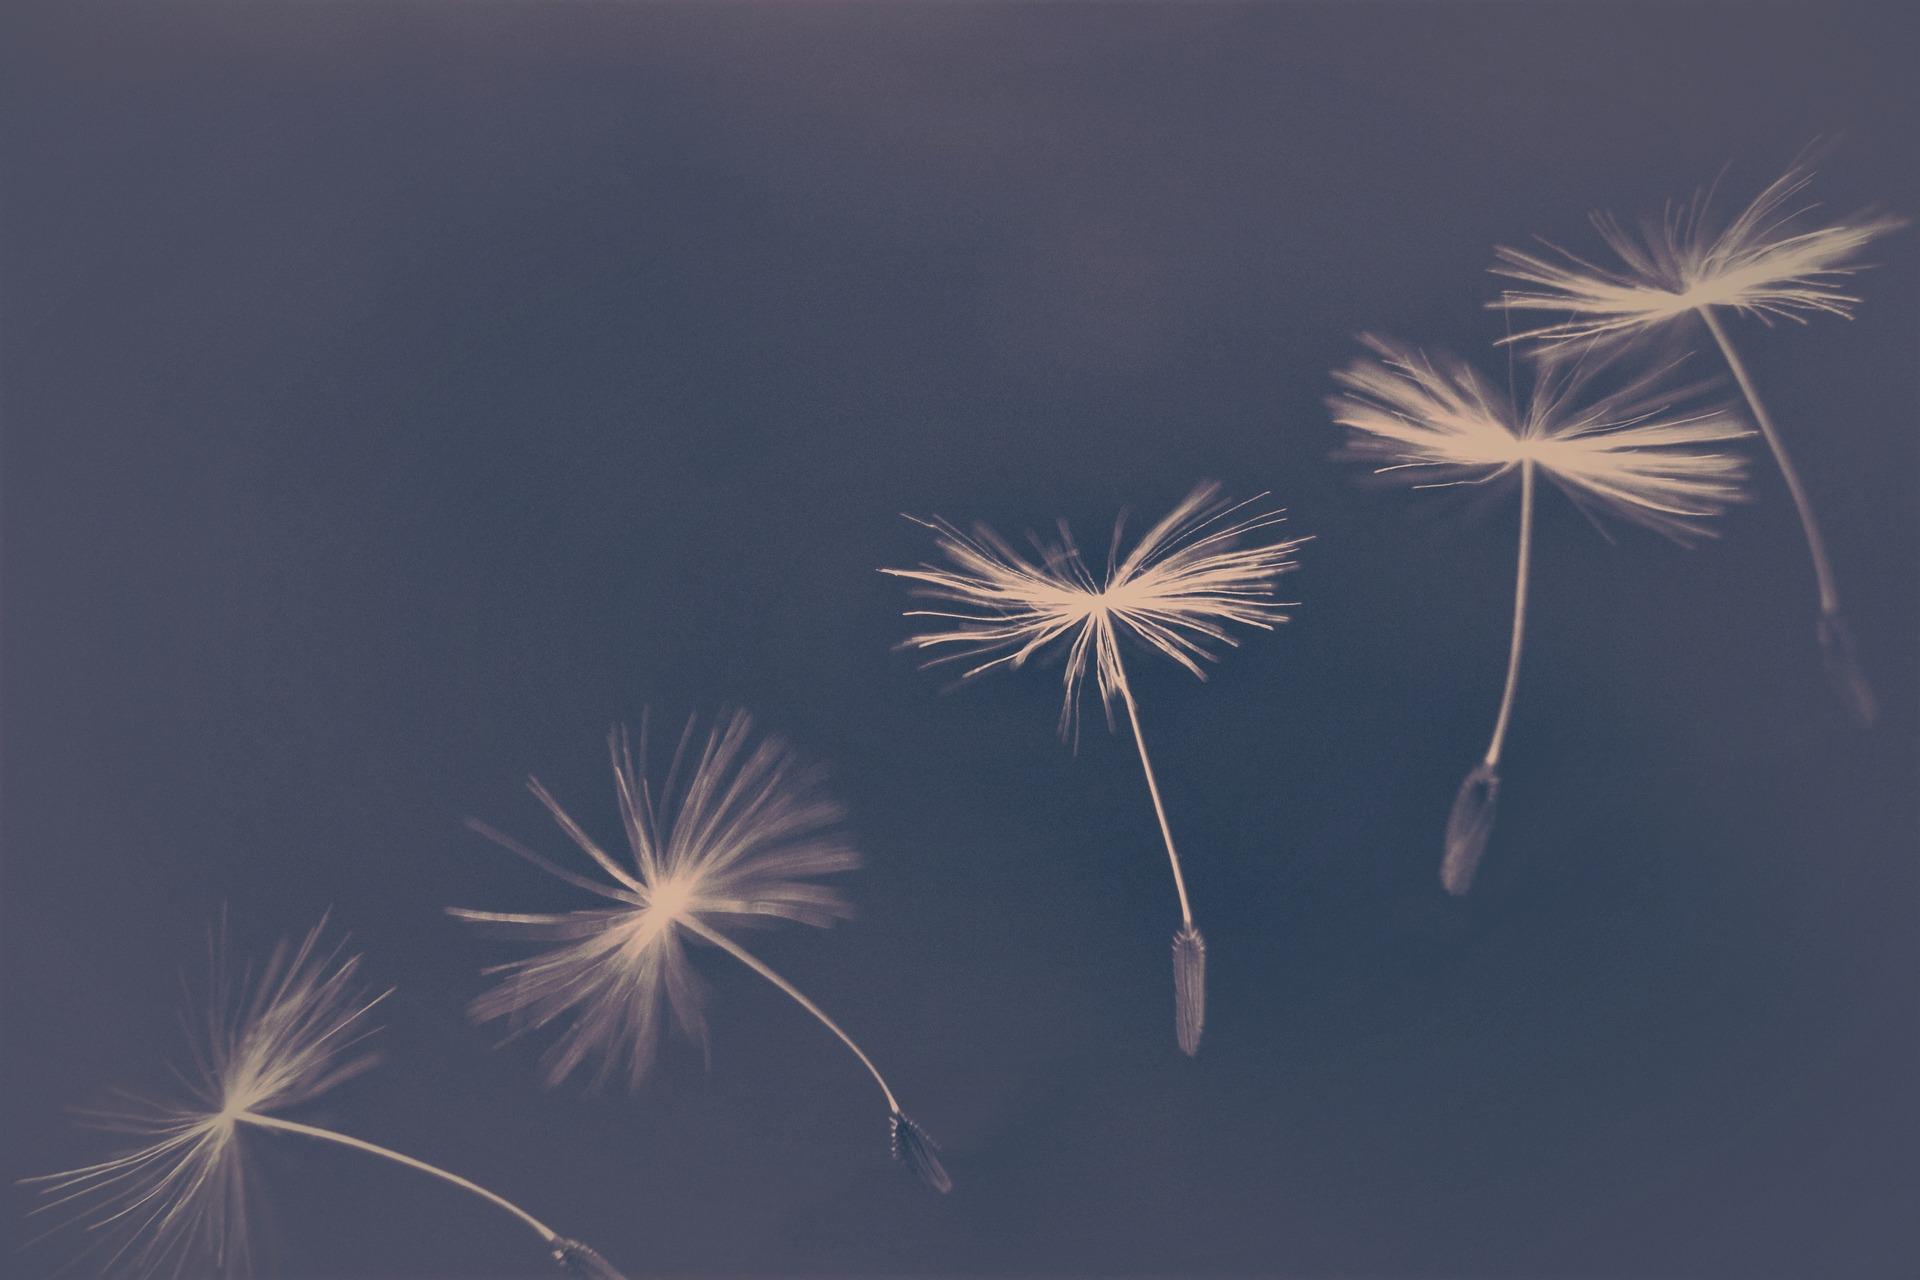 【夢占い】願望夢とは?願望夢の原因や、不安夢が意味するサインについて解説